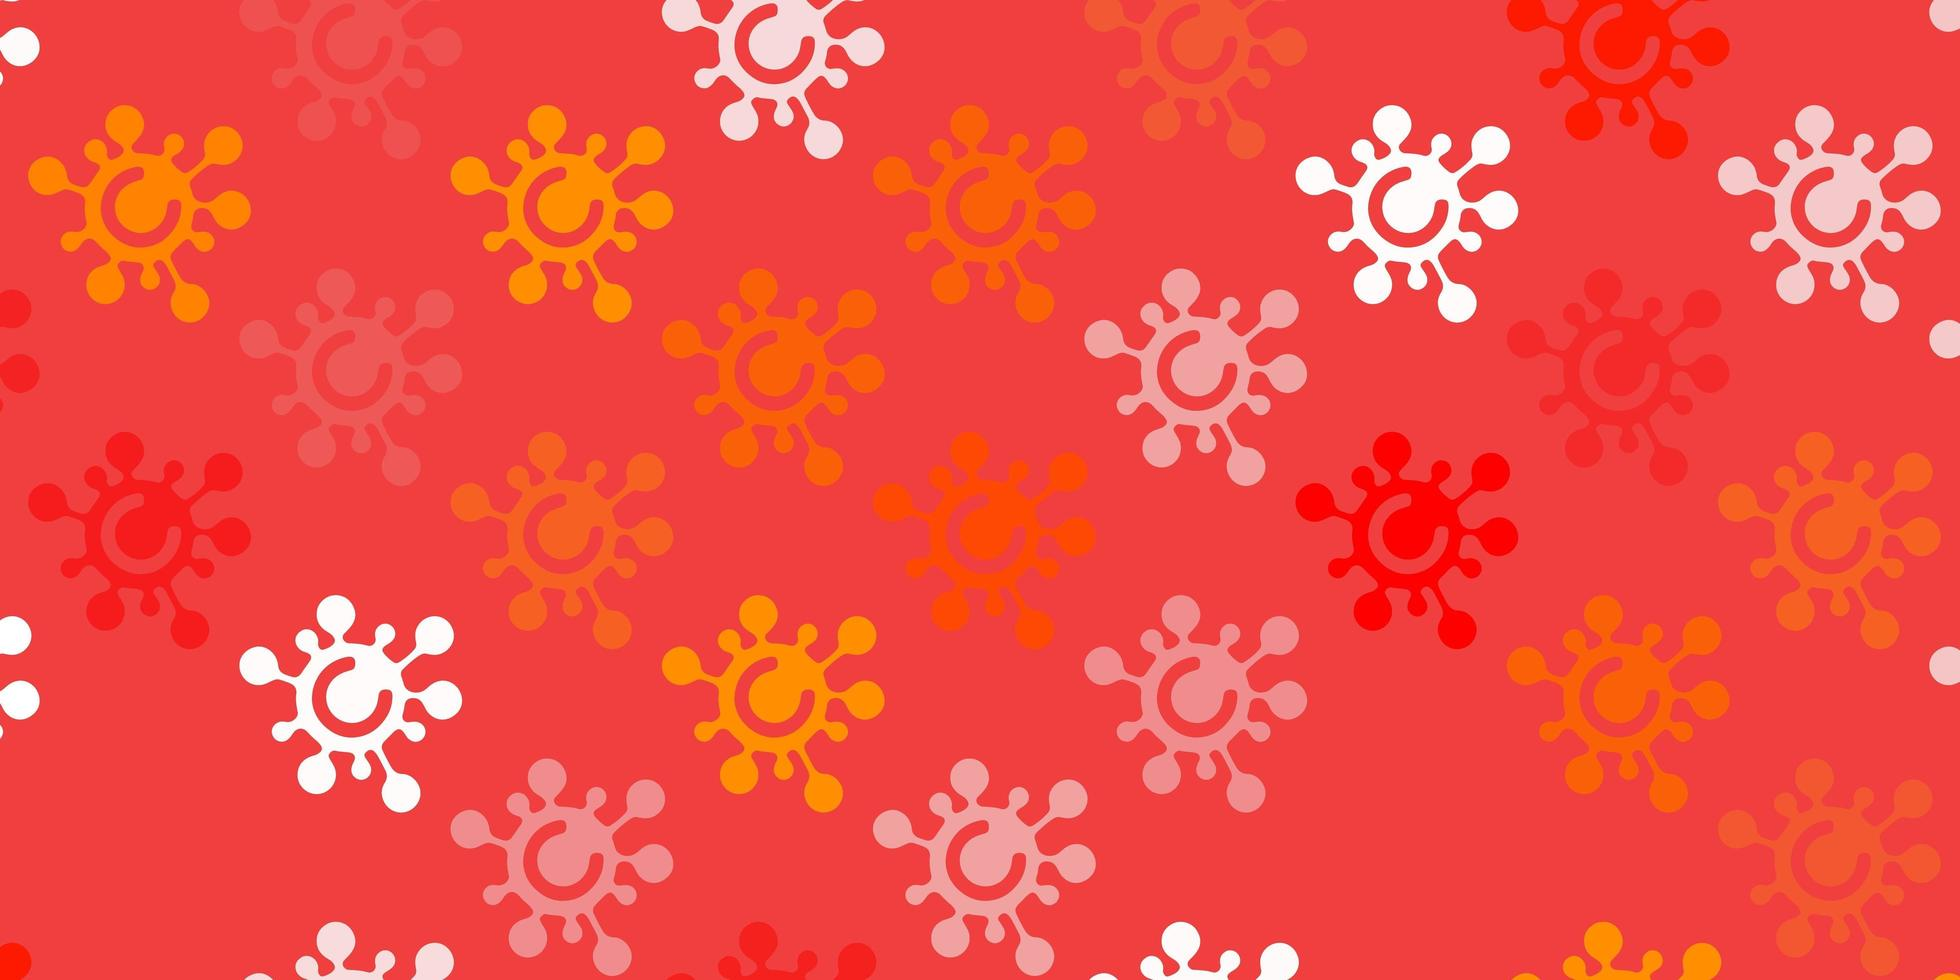 lichtrode vectorachtergrond met virussymbolen. vector